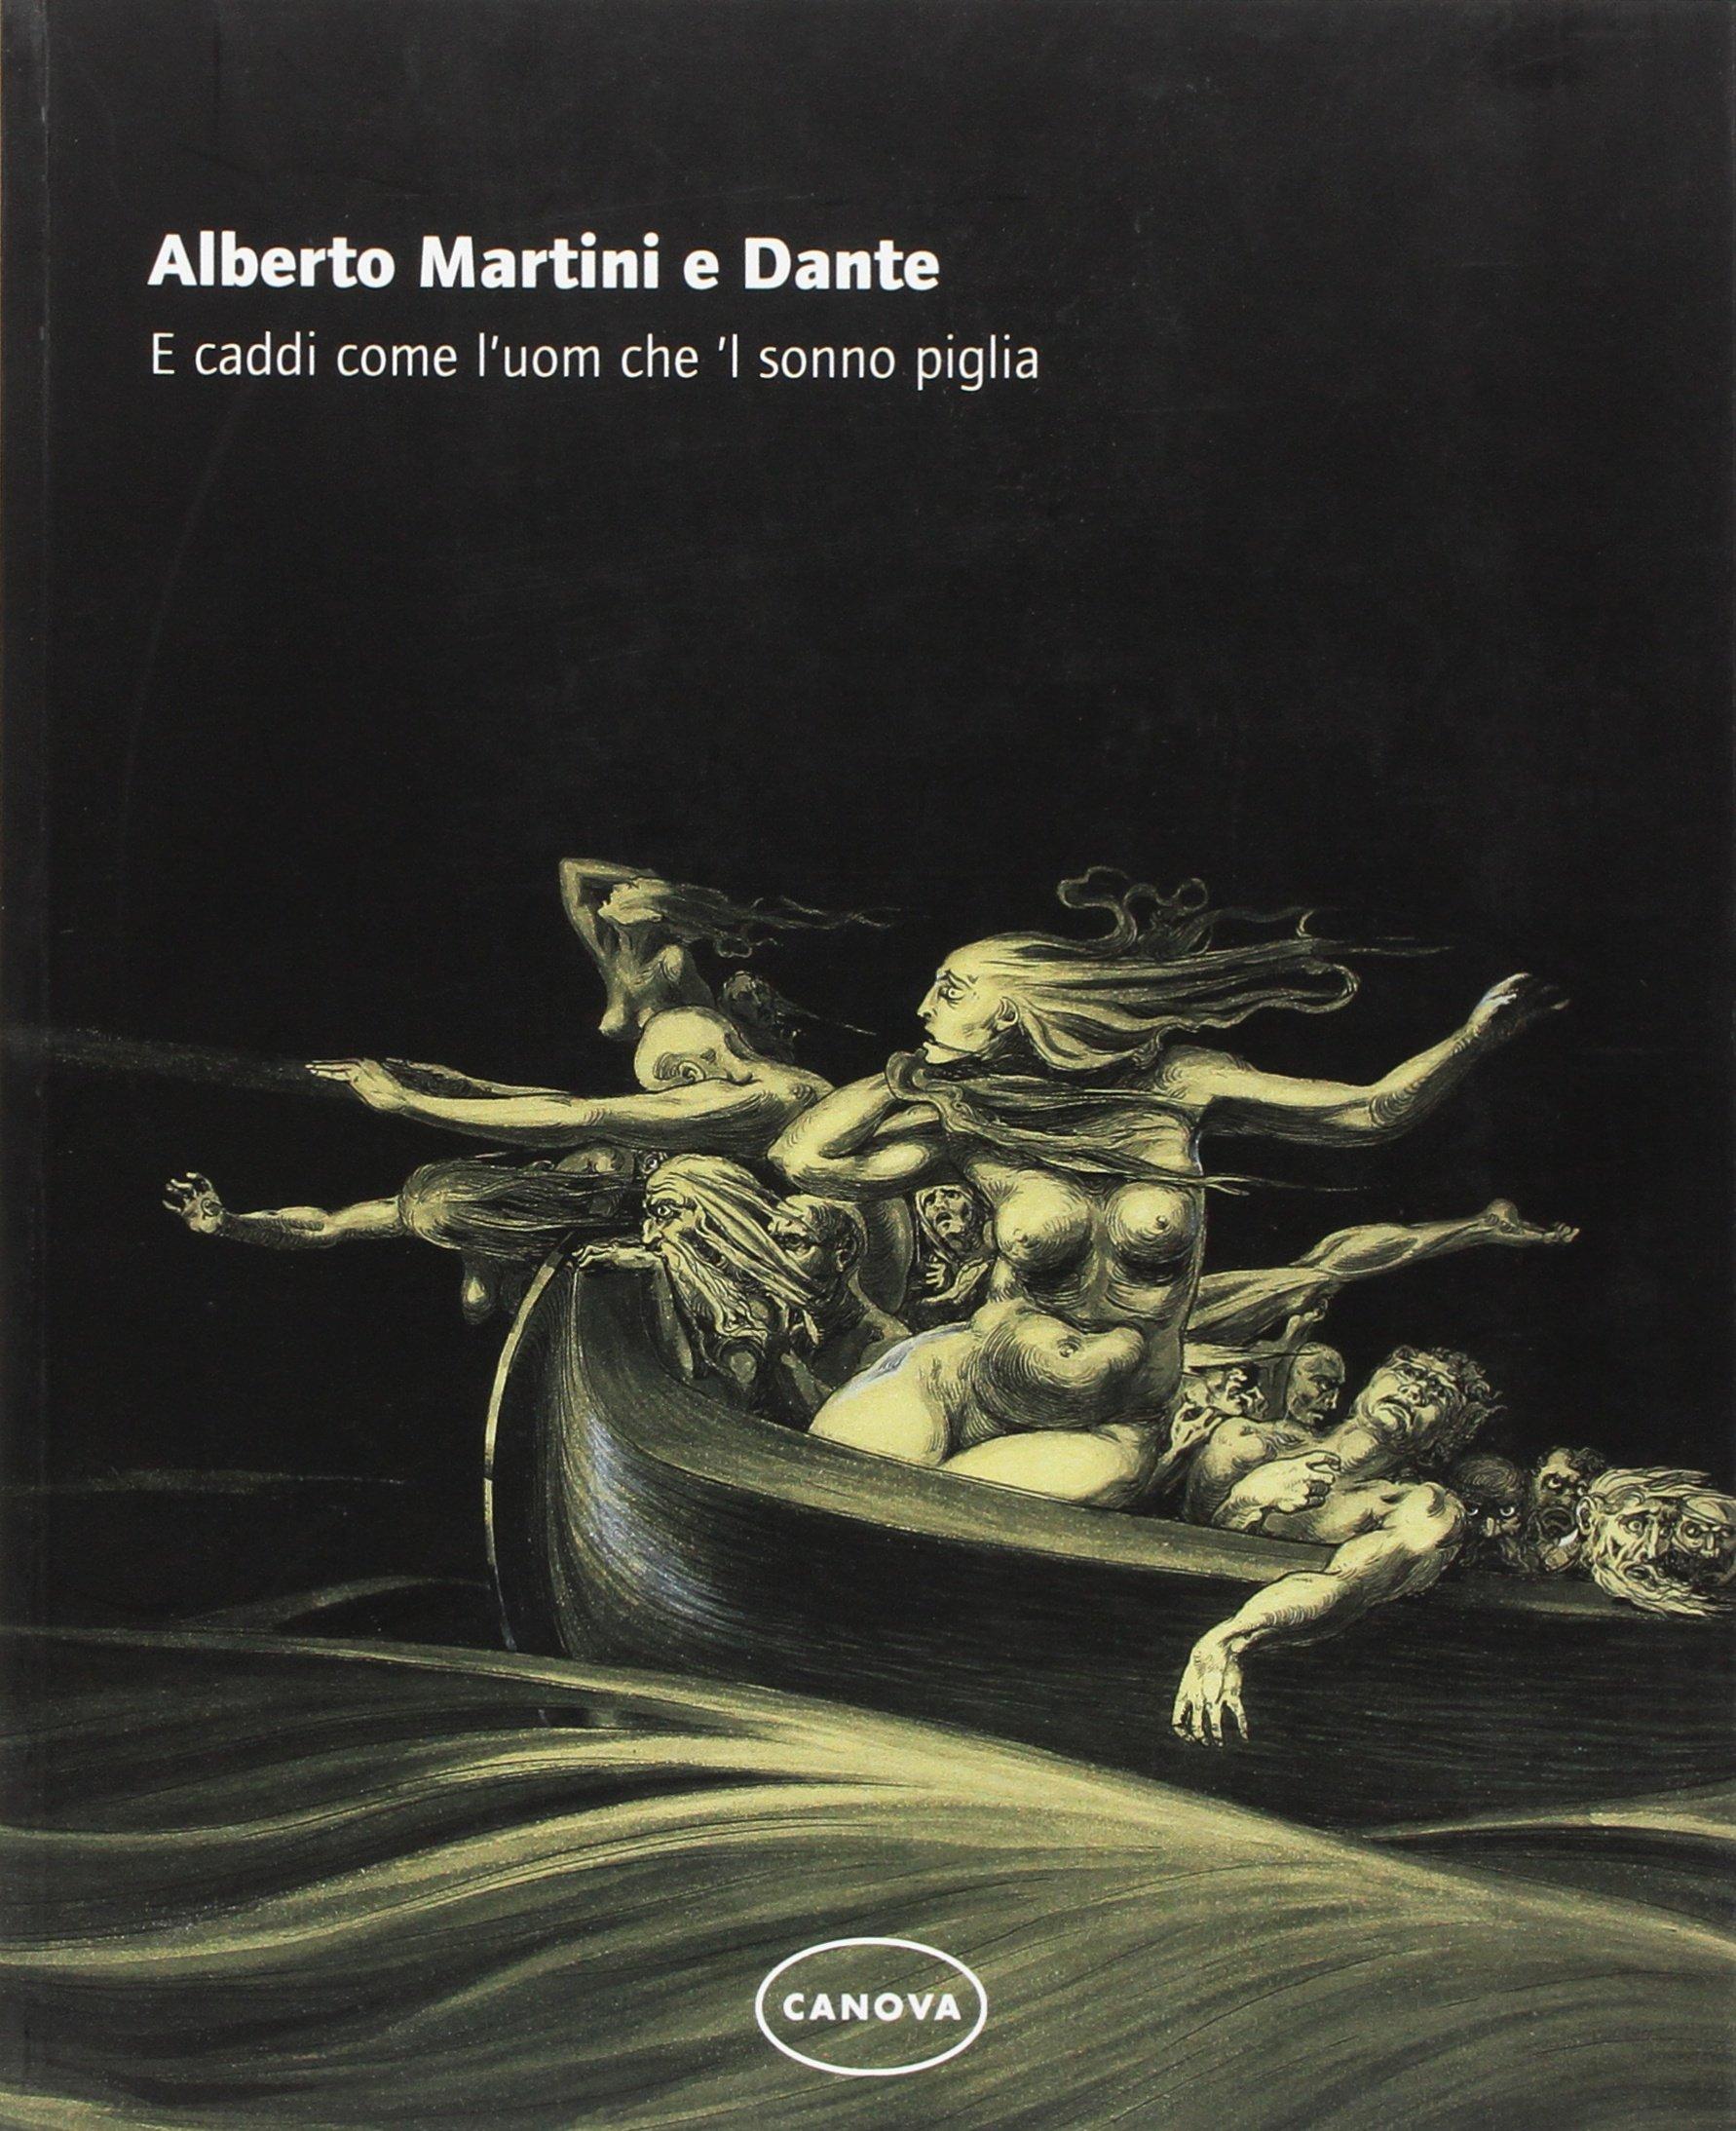 Alberto Martini e Dante